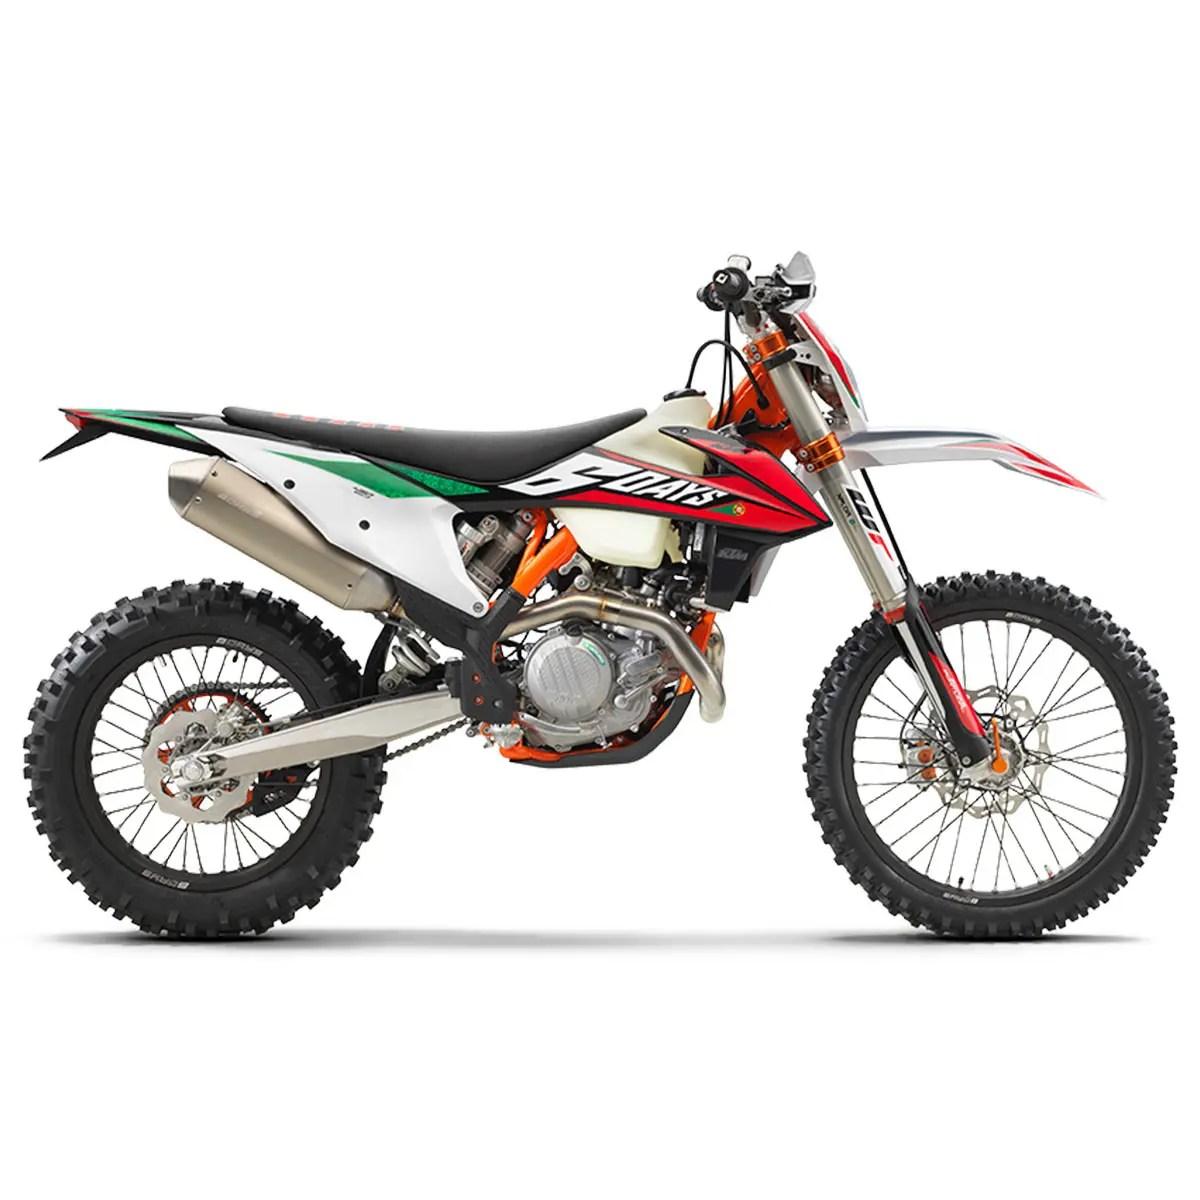 KTM-450-EXC-F-SIX-DAYS